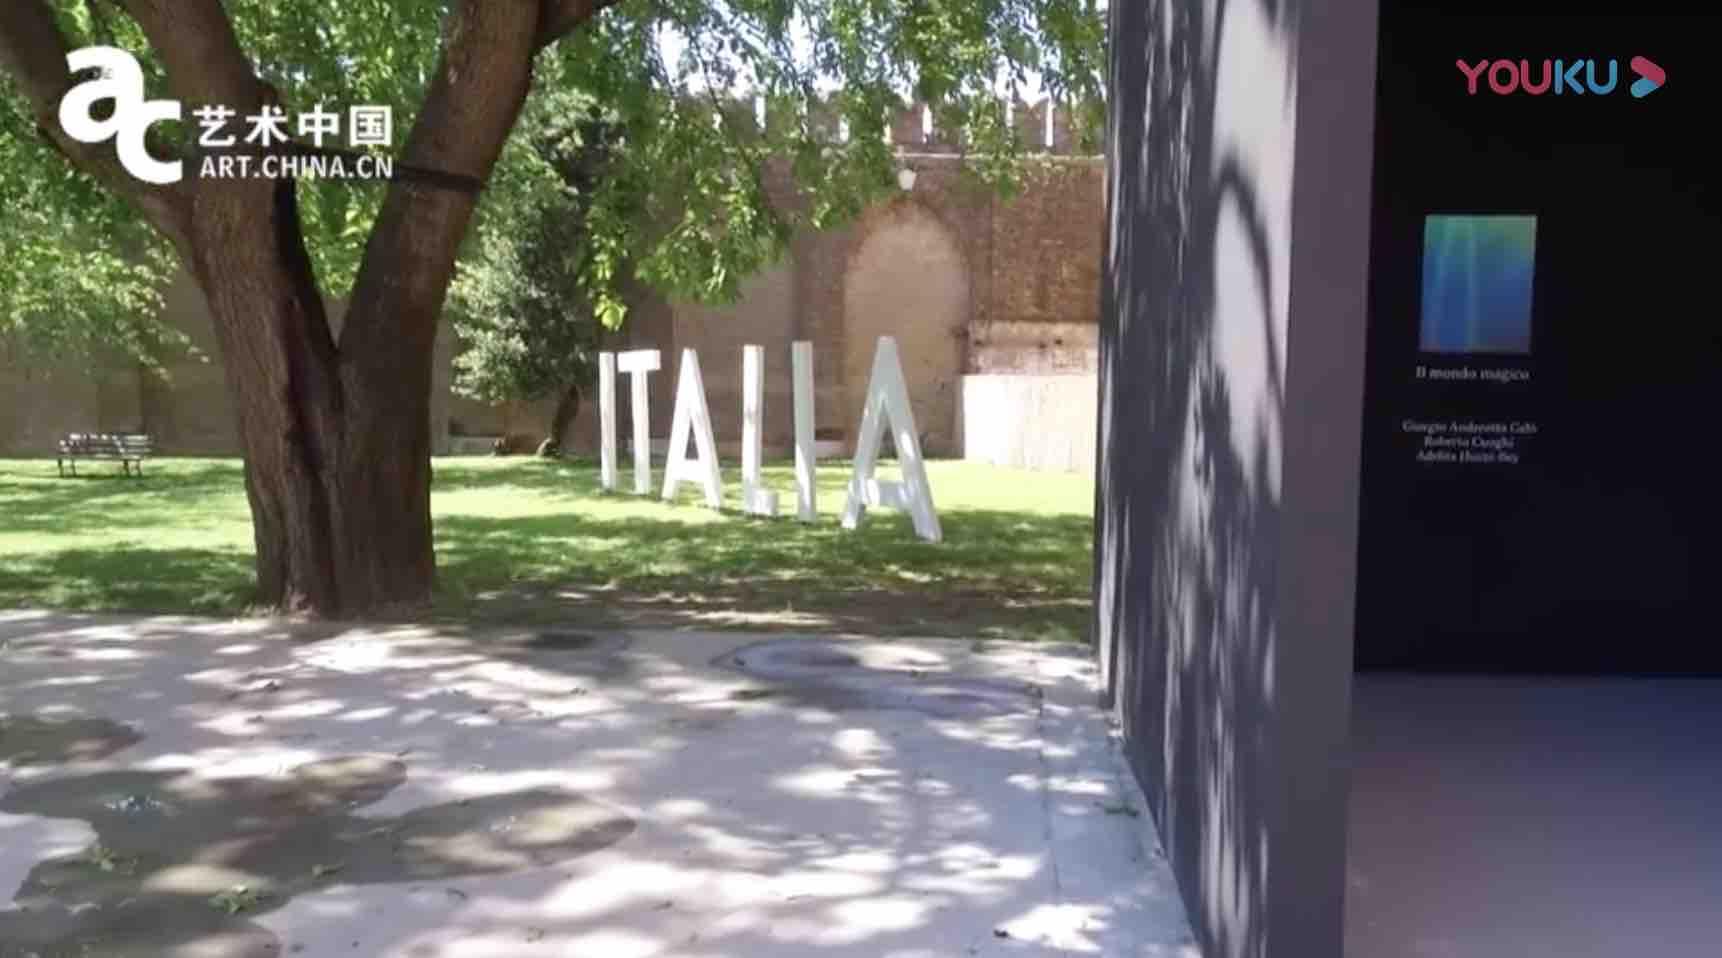 艺术中国:第57届威尼斯双年展:意大利馆